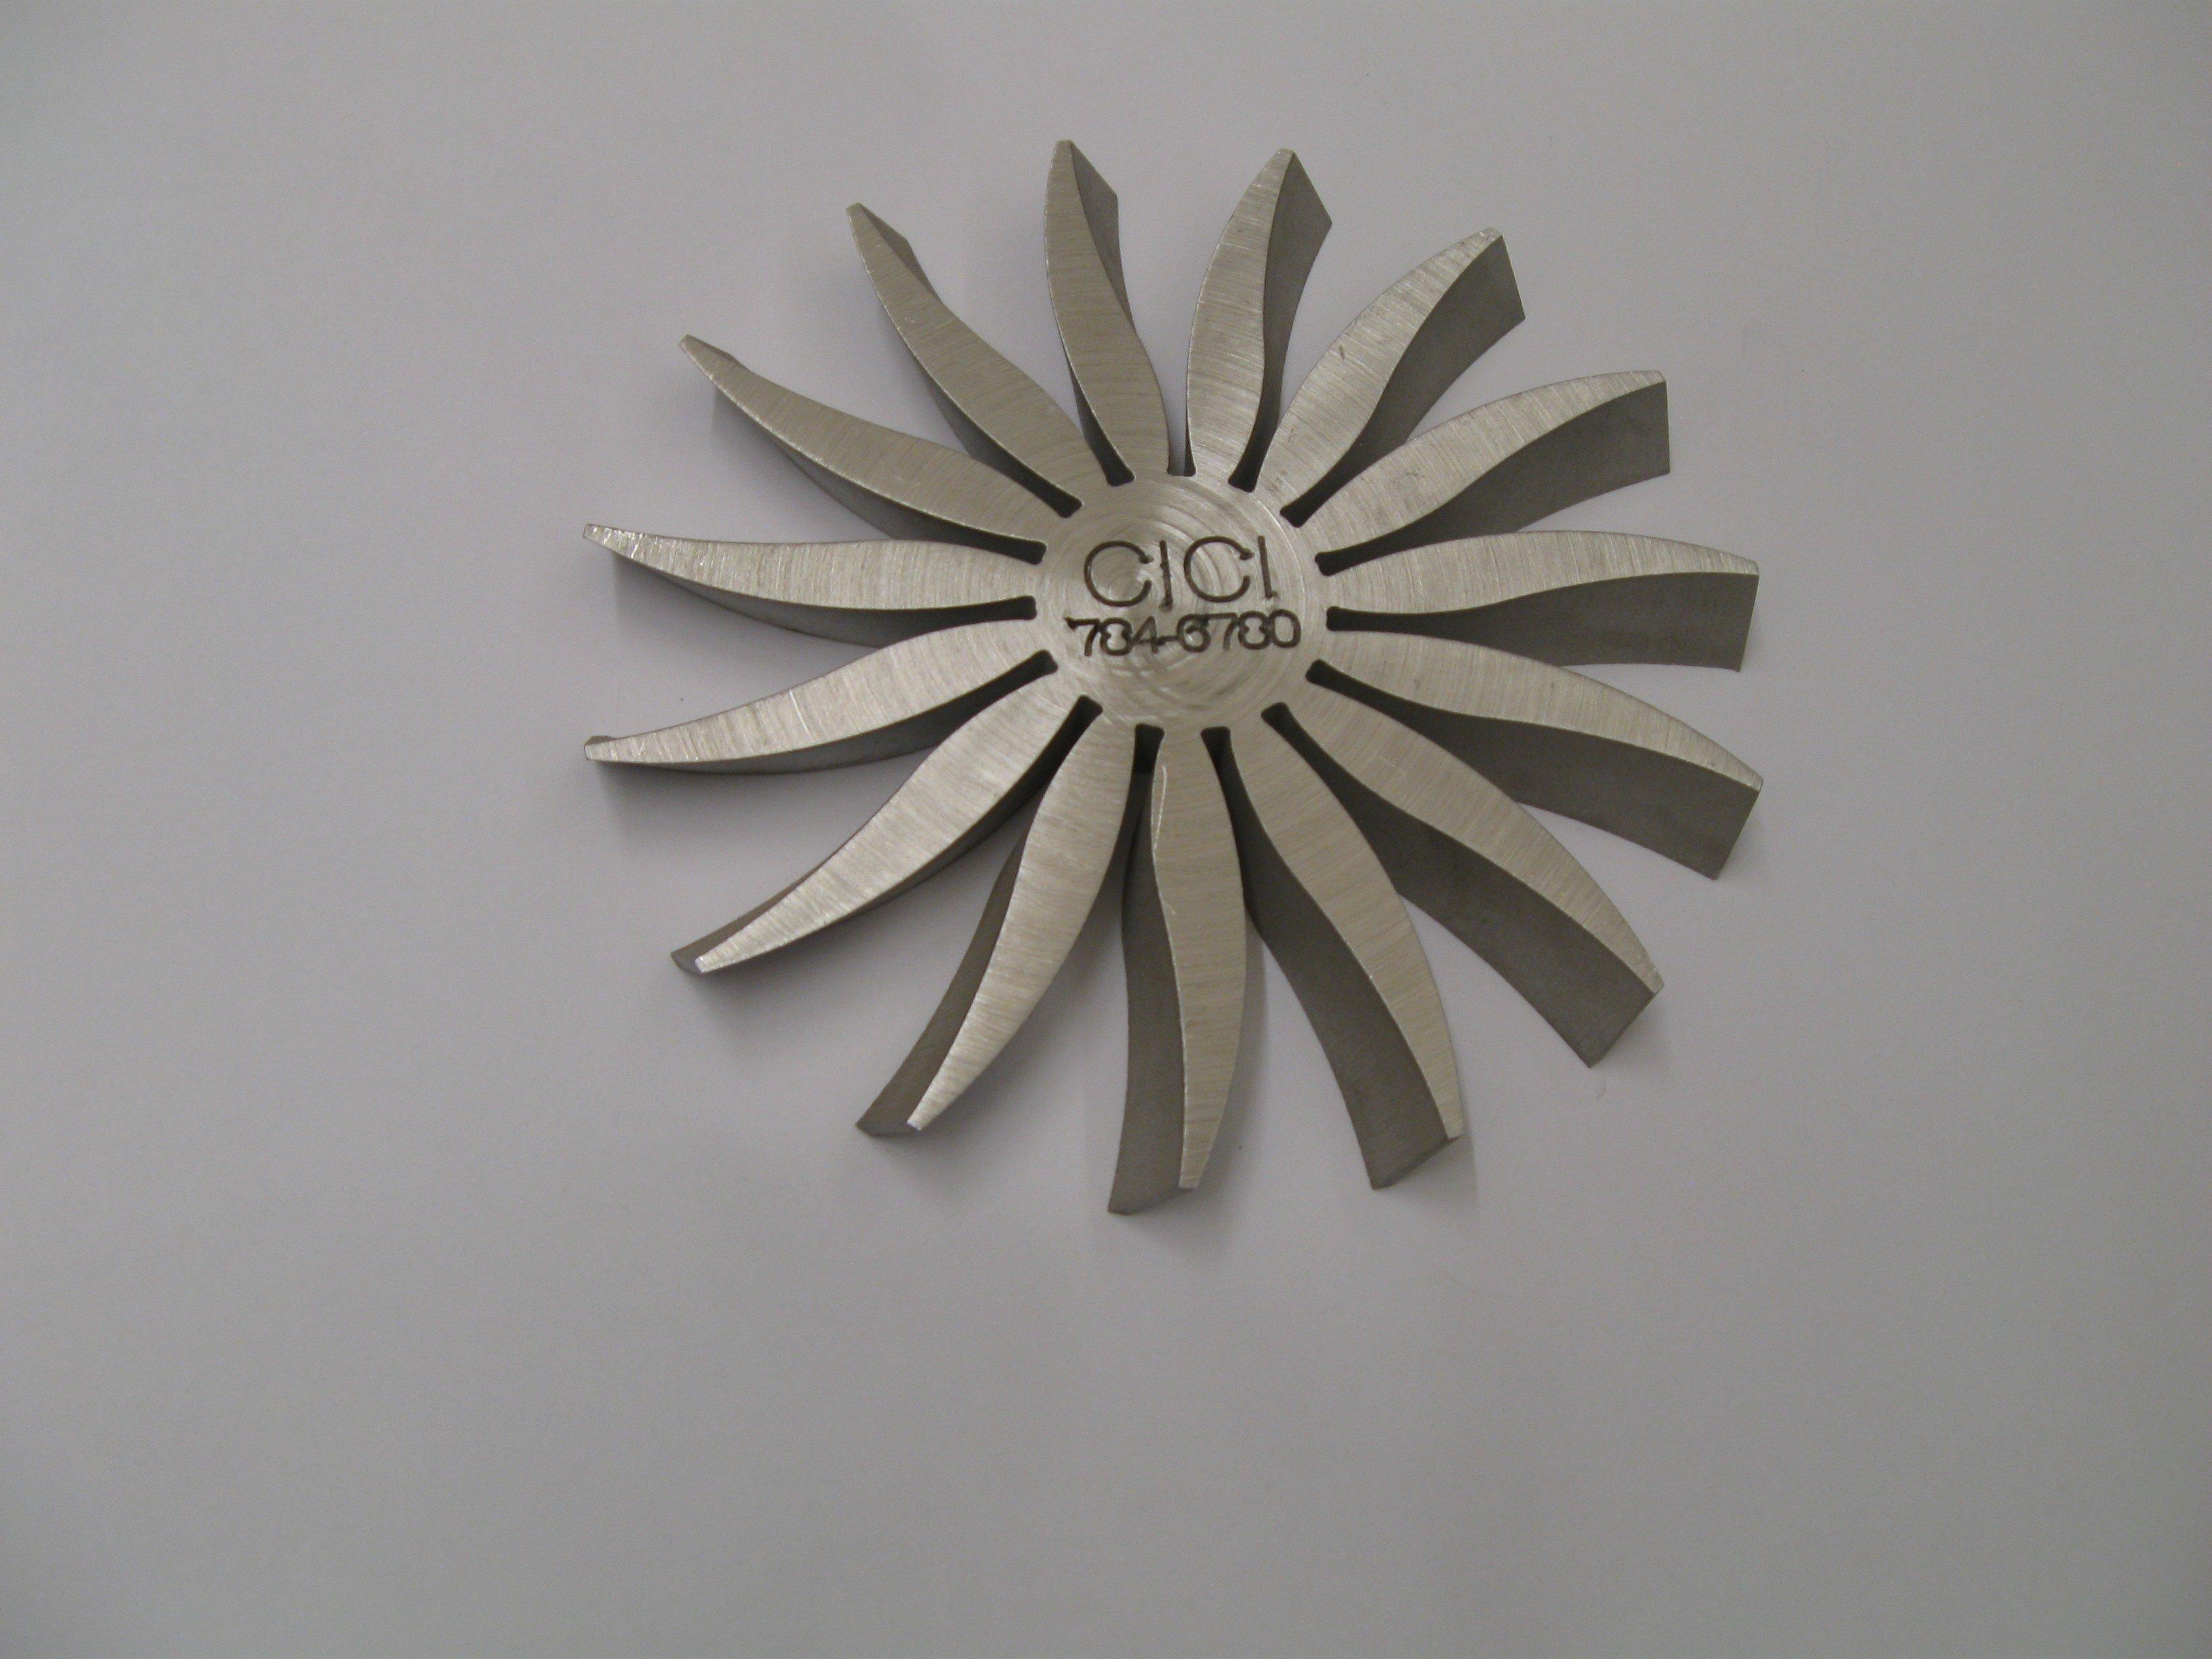 5 axis waterjet cutting stainless steel fan